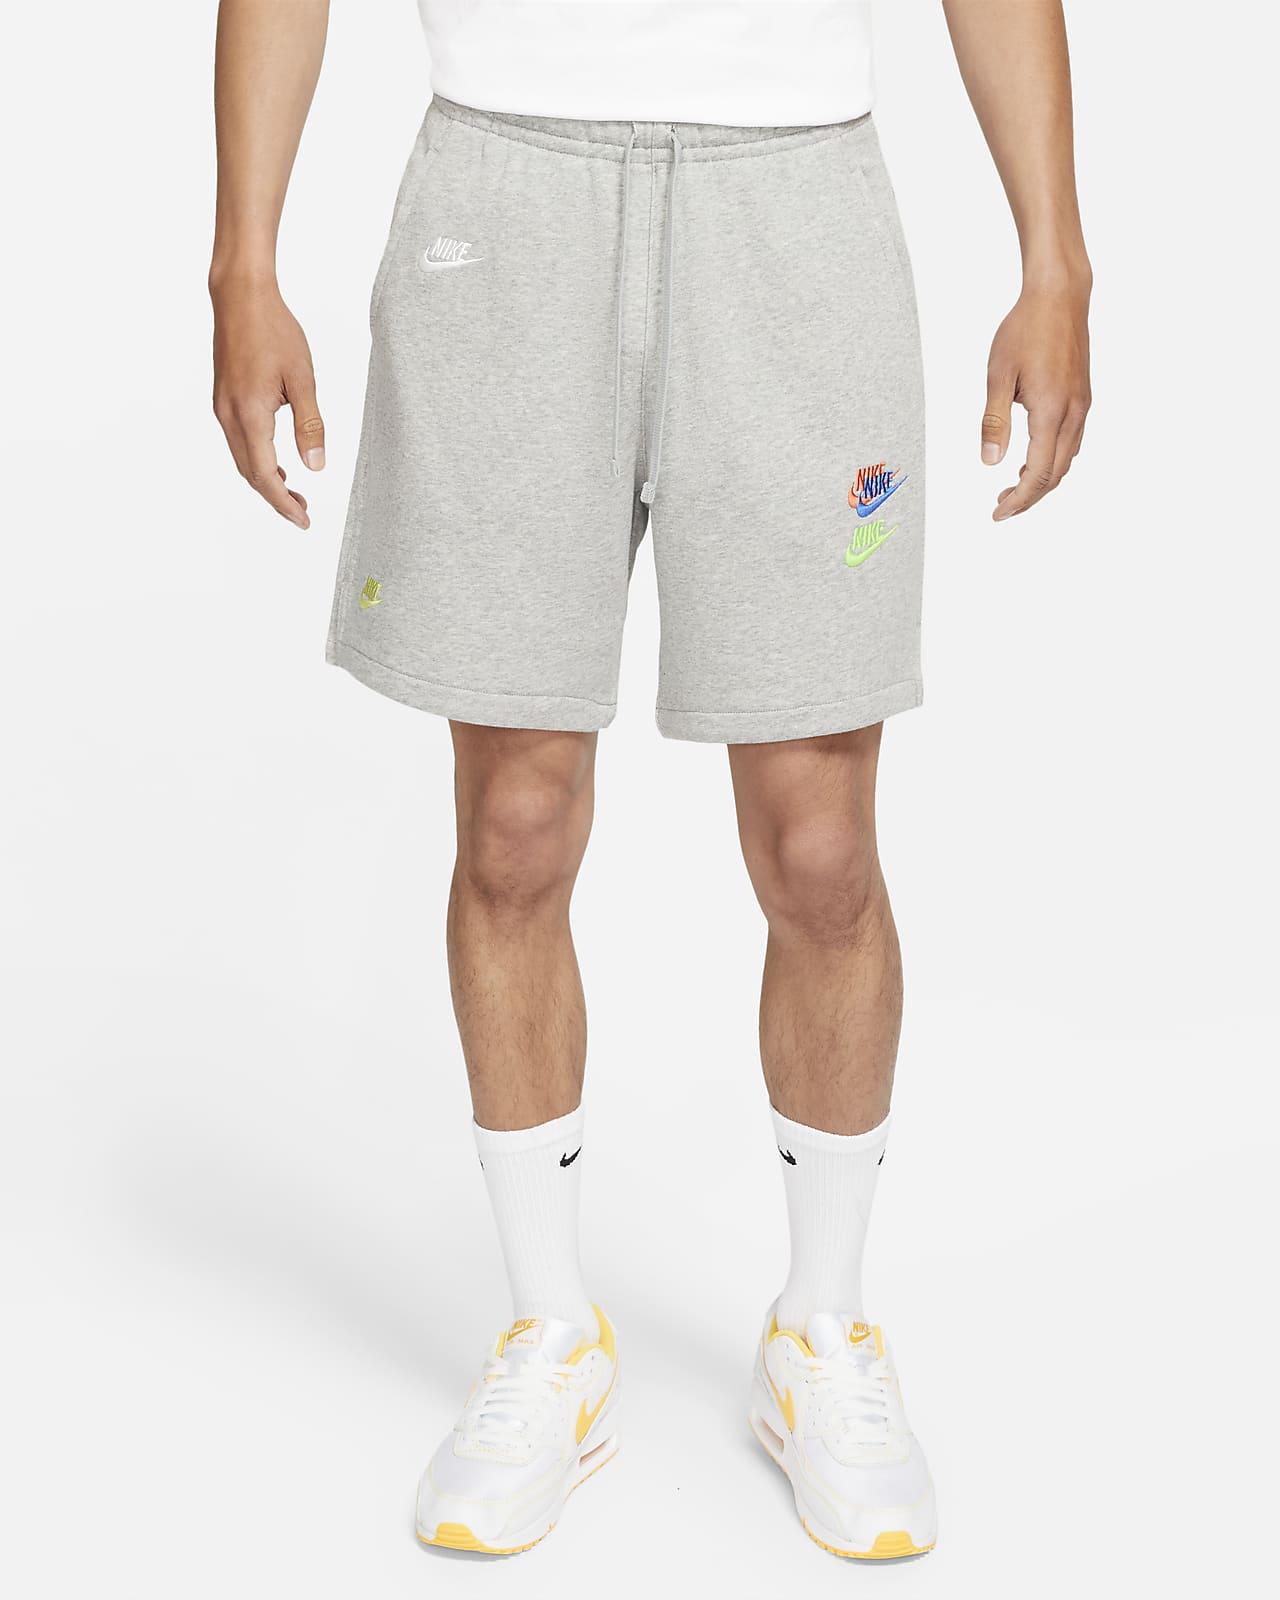 Nike Sportswear Essentials+ French Terry 男子短裤